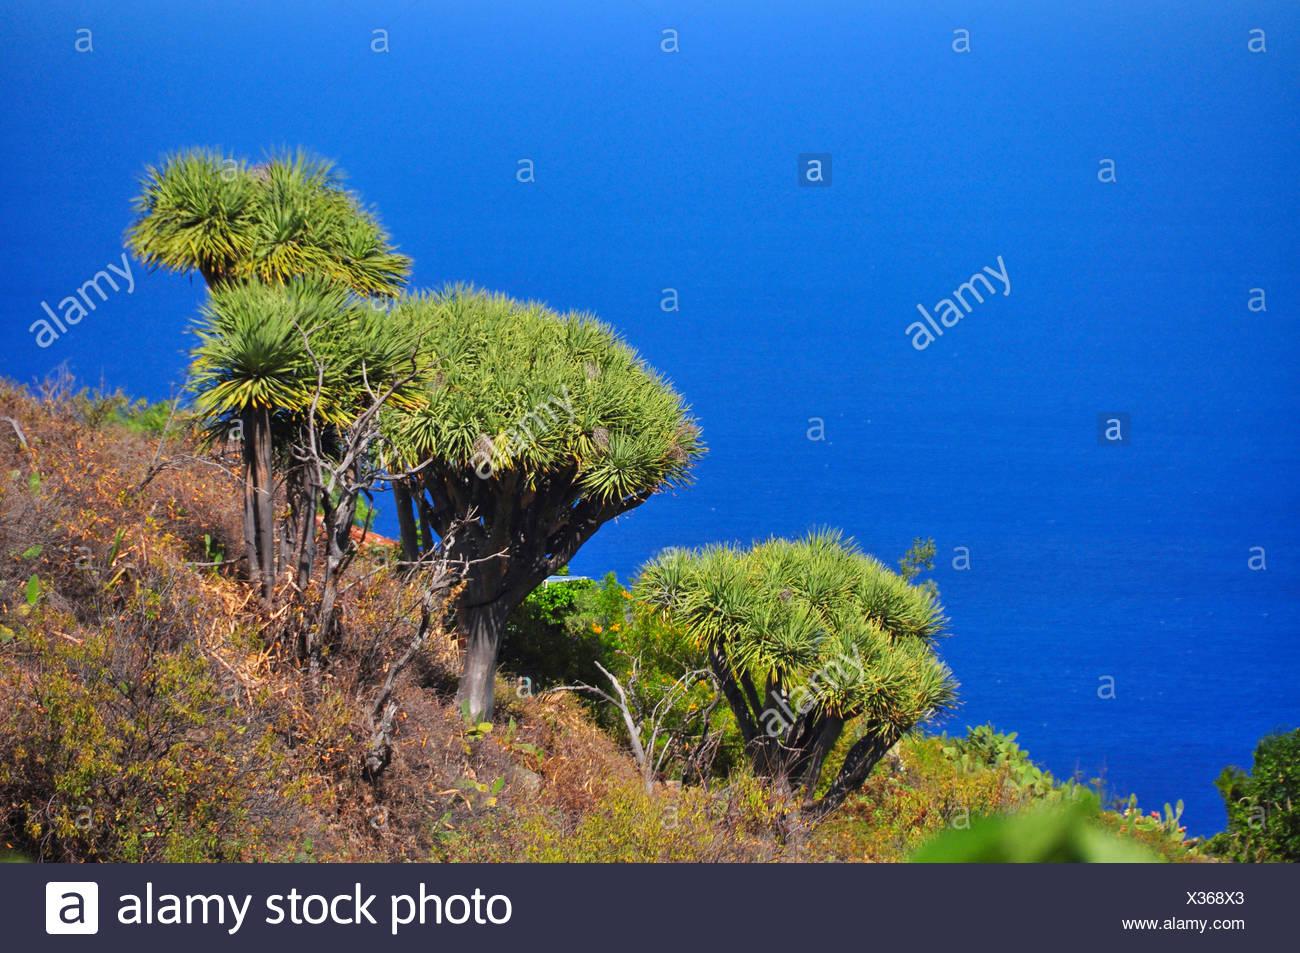 Lágrima de sangre del dragón, Árbol Draegon, Islas Canarias Drago, Drago (Dracaena draco), Draegon árboles delante del mar, de las Islas Canarias, La Palma Imagen De Stock